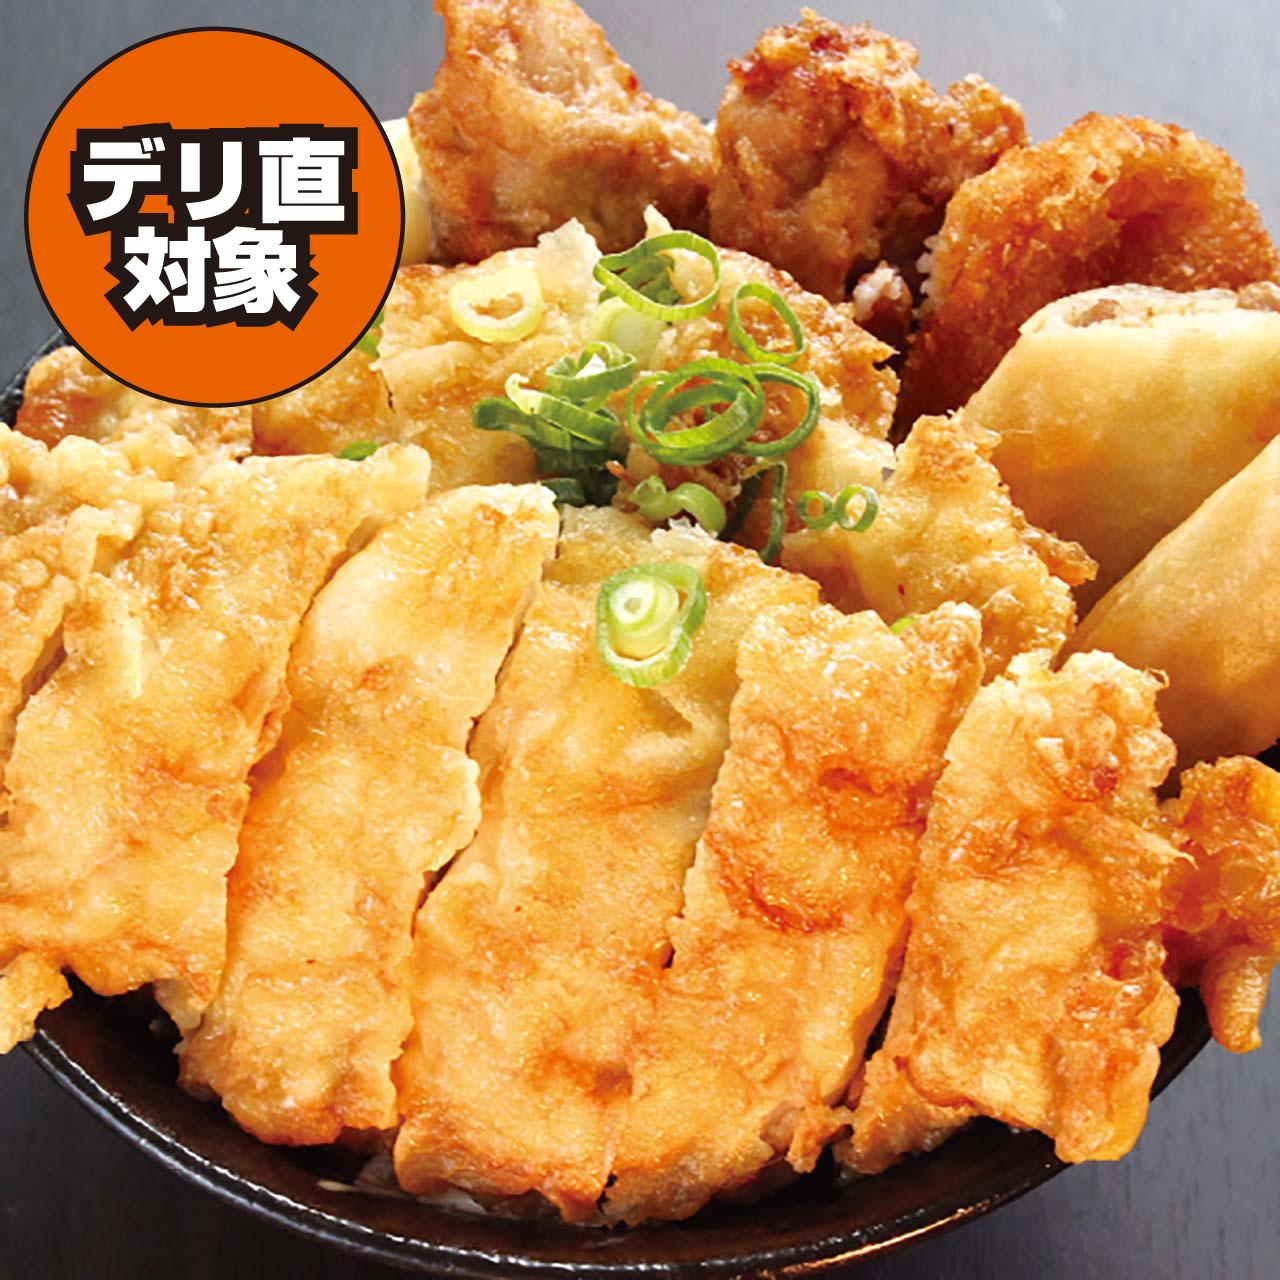 チキン南蛮丼ダブル500(唐揚2+コロッケ1+春巻1)